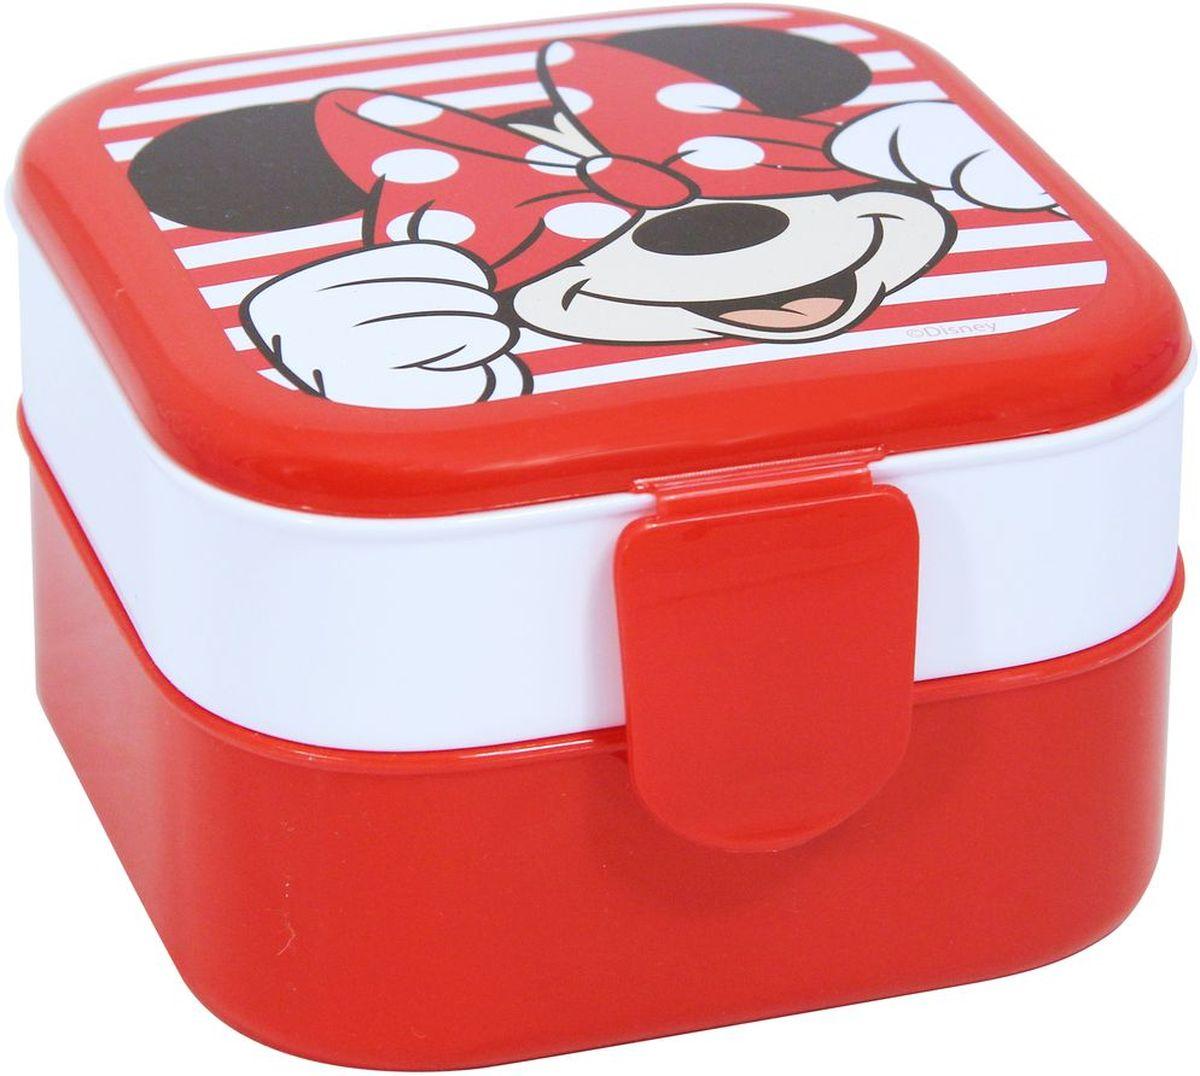 Контейнер Idea Disney. Минни Маус, 2 секции, цвет: красныйМ 1232-ДКонтейнер Idea Disney изготовлен из высококачественного пластика, предназначен для хранения продуктов. Изделие декорировано ярким рисунком. Контейнер легко открывается, оснащен двумя съемными отделениями и клапаном на крышке. Контейнер - отличное решение для хранения продуктов.Размер контейнера: 12 см х 12 см х 8 см. Объем секции: 0,4 л.